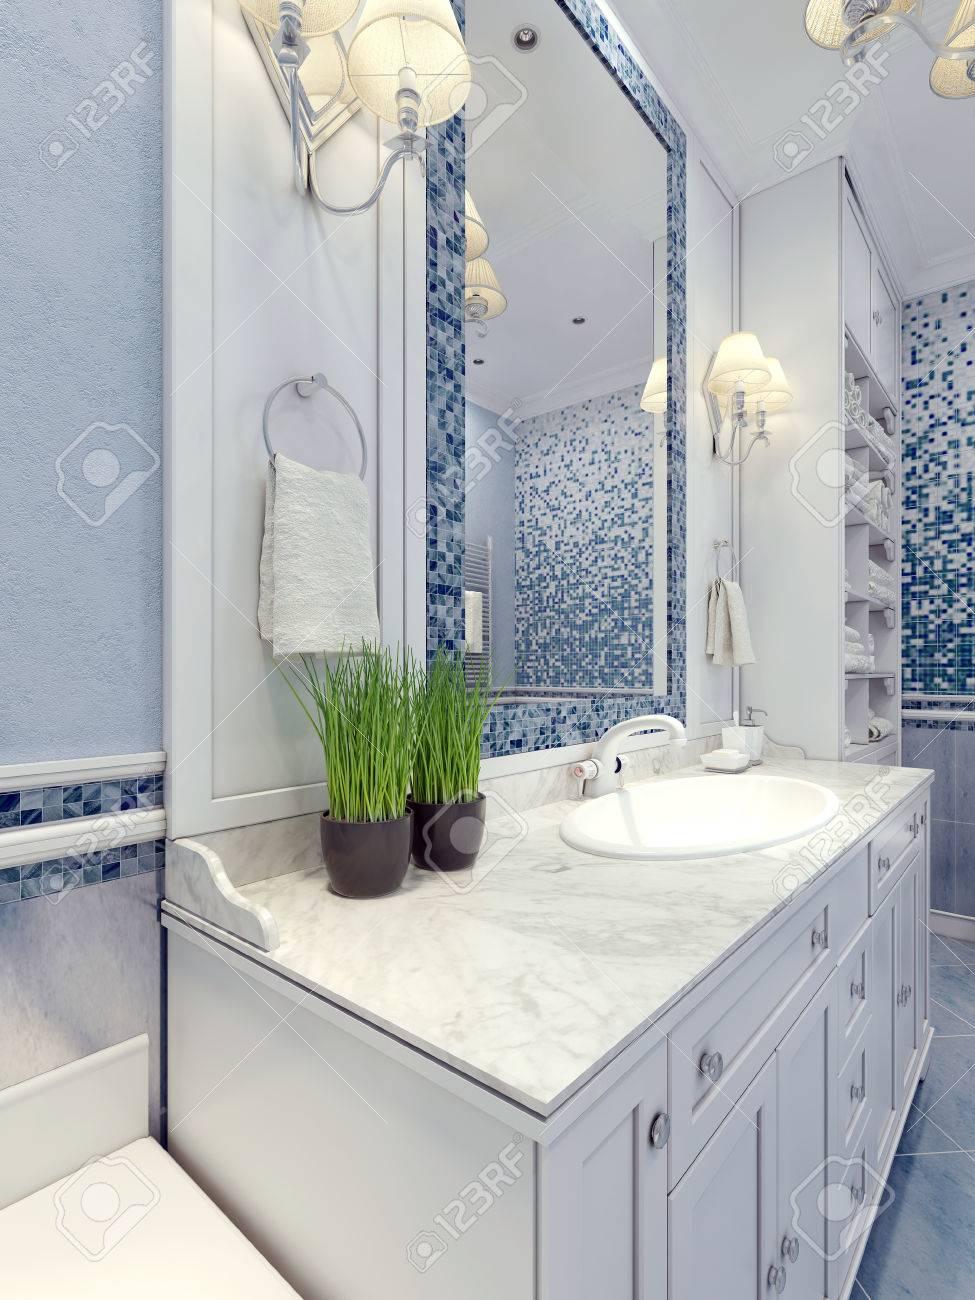 Provence Blau Badezimmer Trend. Badezimmermöbel In Weiß. Ein Großer ...